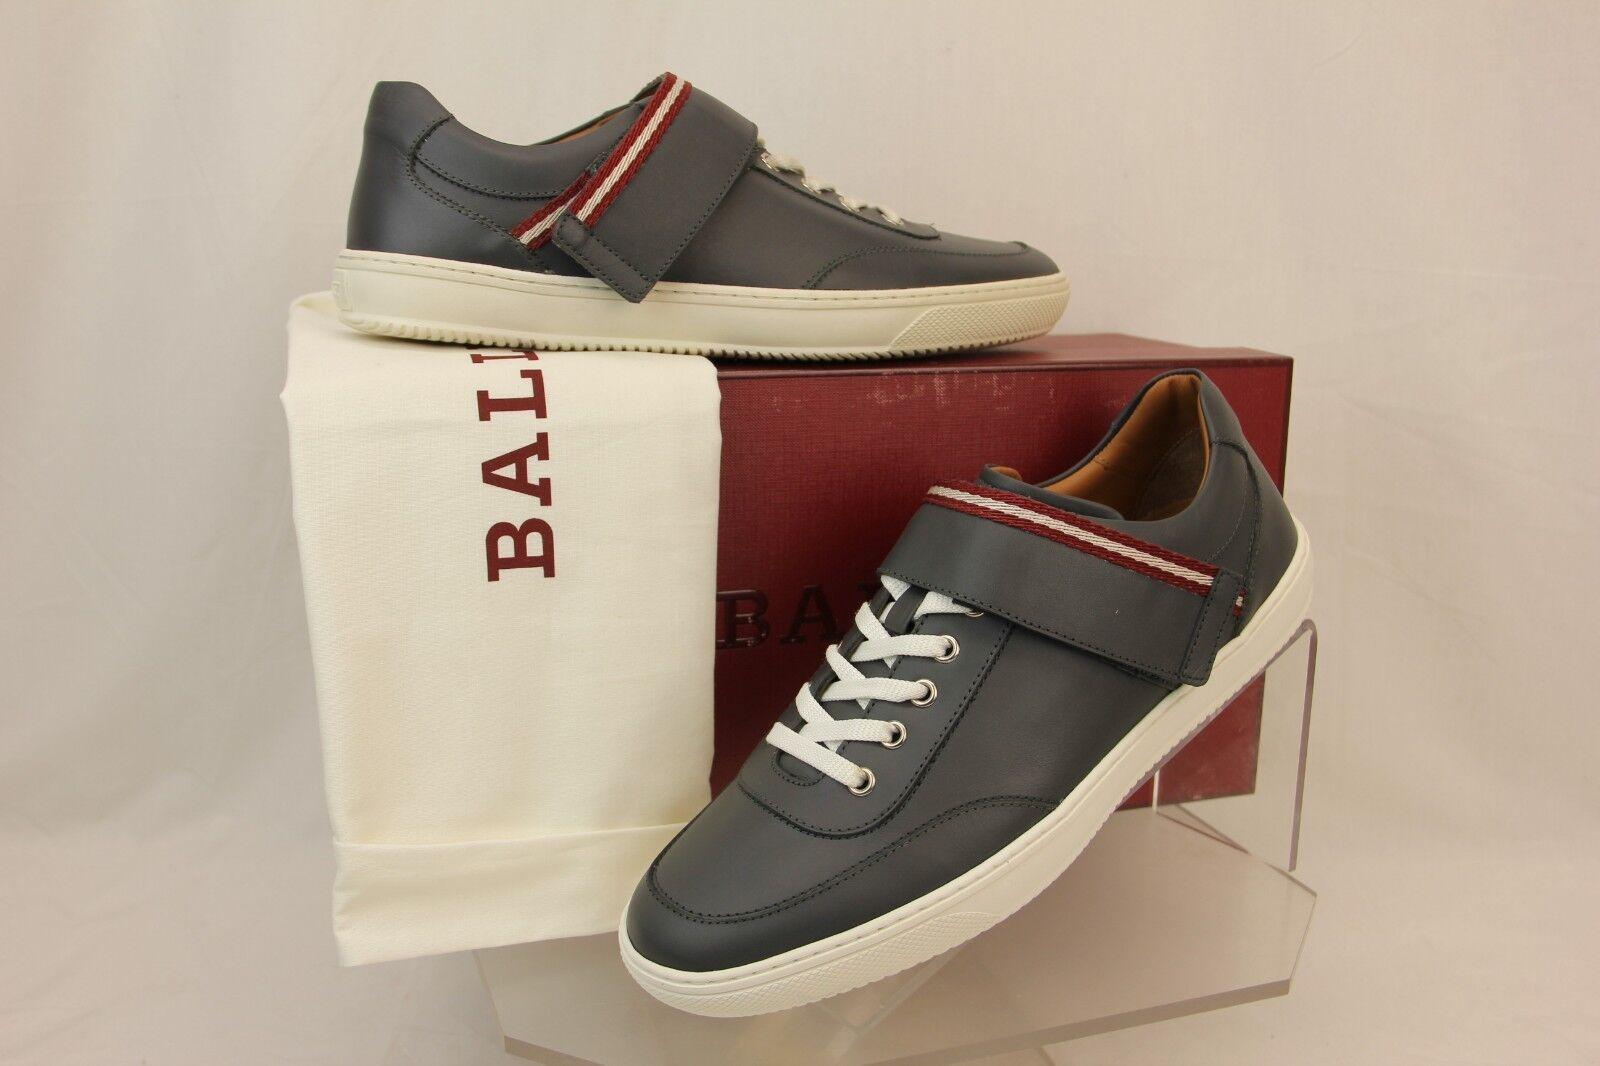 Nuevo En Caja BALLY Oasys gris Oscuro Cuero Con Cordones Logotipo SWISS Zapatillas 8 EE. UU. 41 Italia